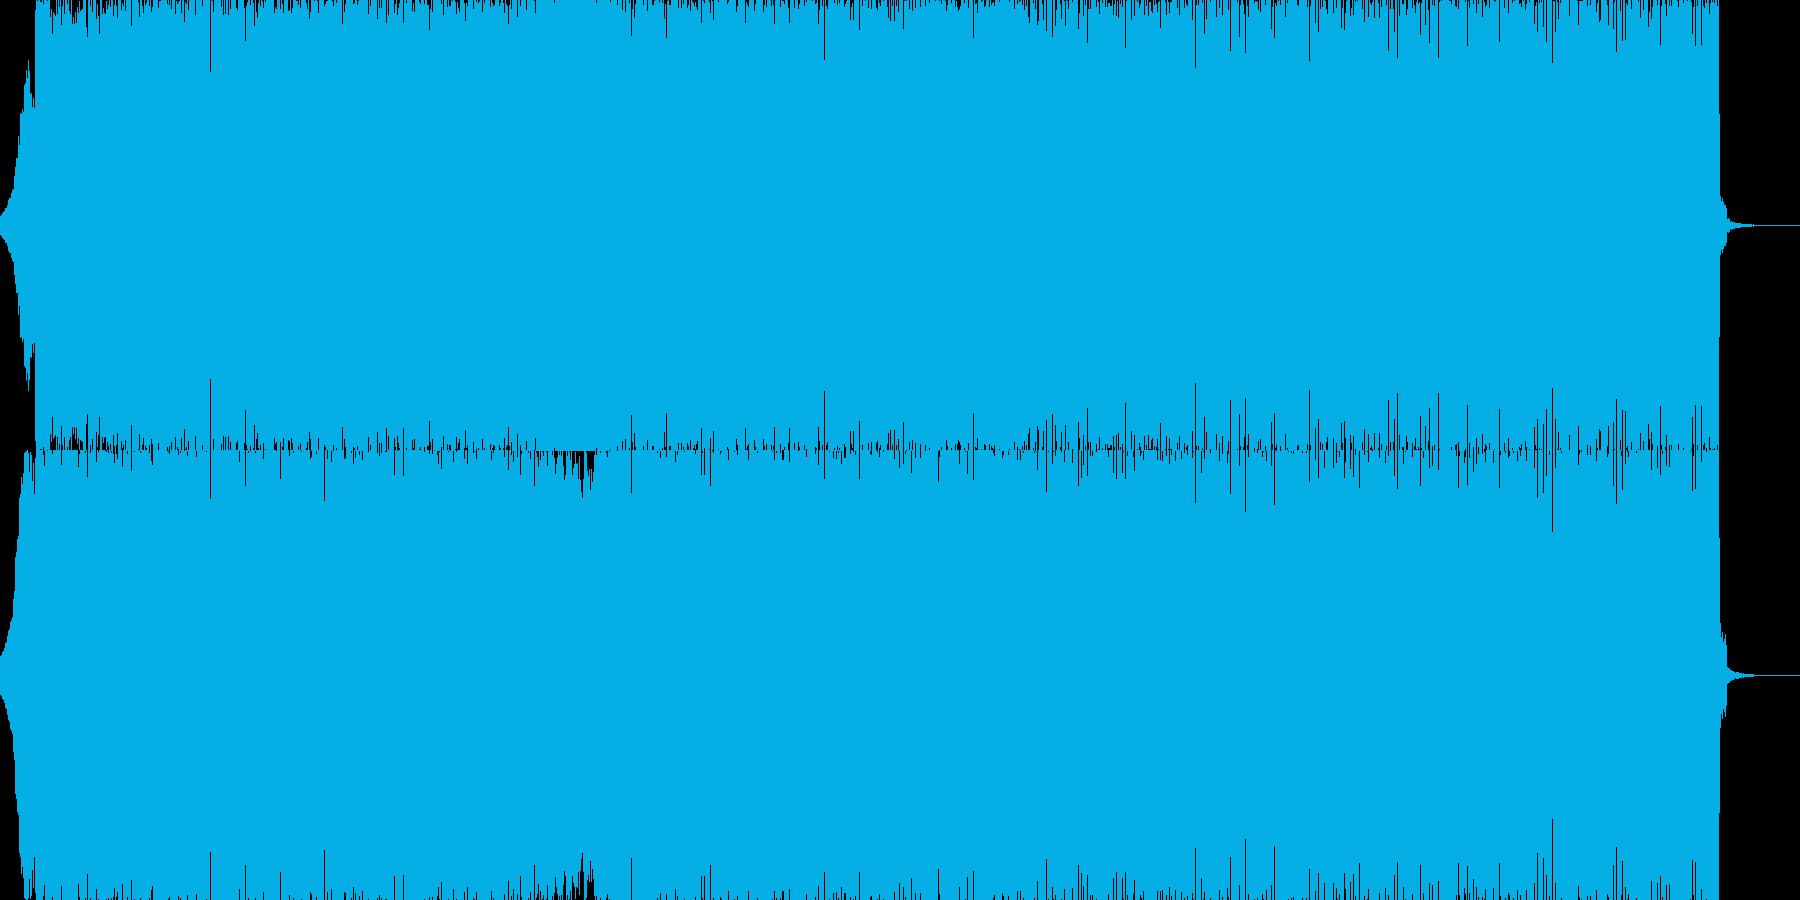 エグいシンセ!テンションぶち上げのEDMの再生済みの波形